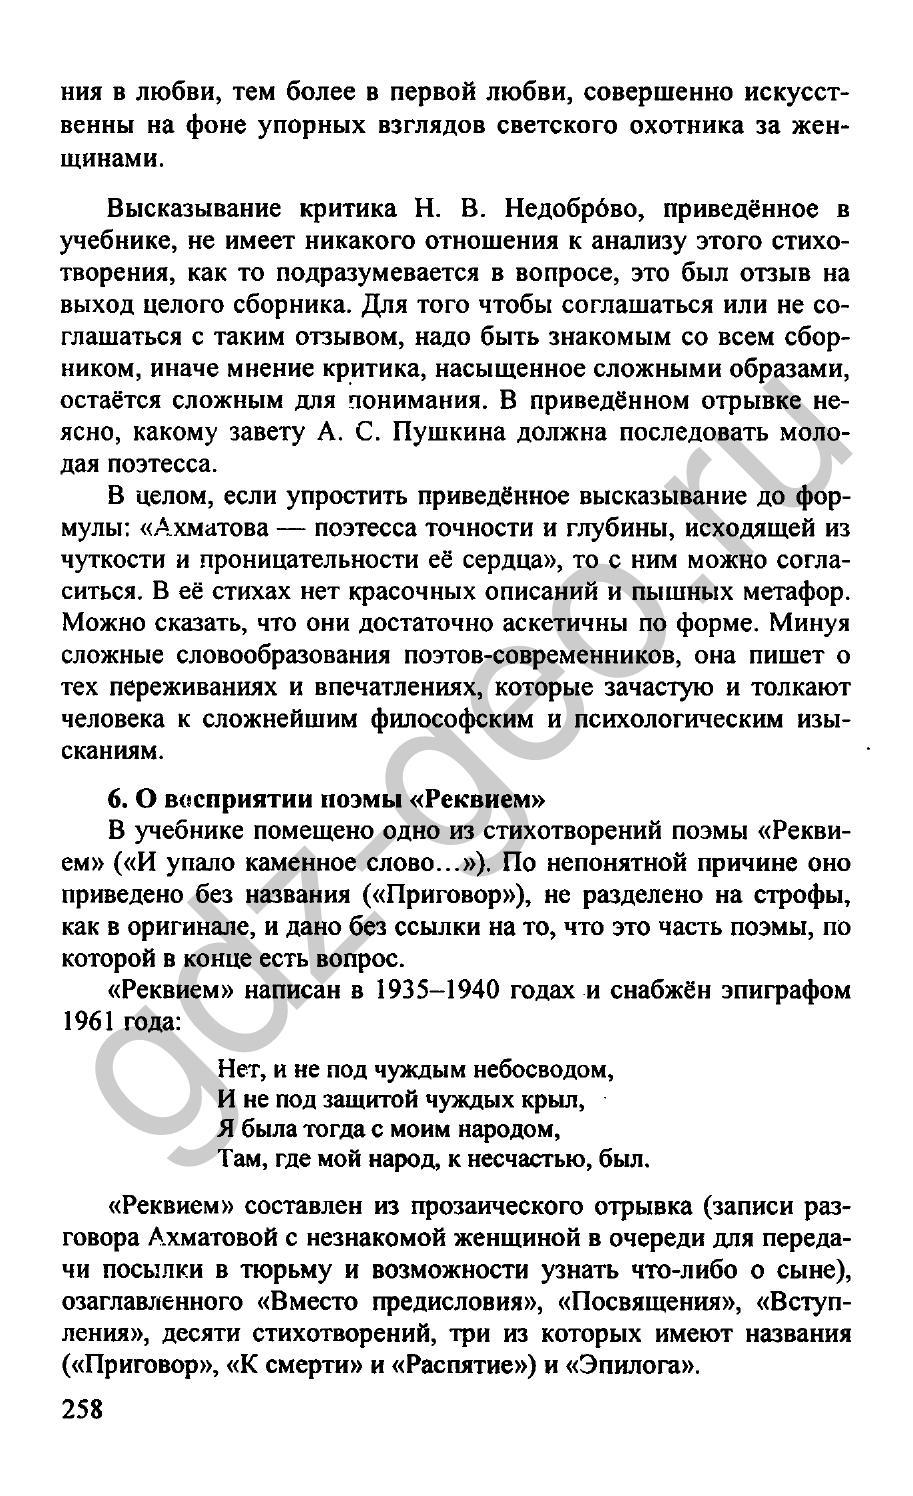 Часть 6 по класс журавлёв литературе гдз 1